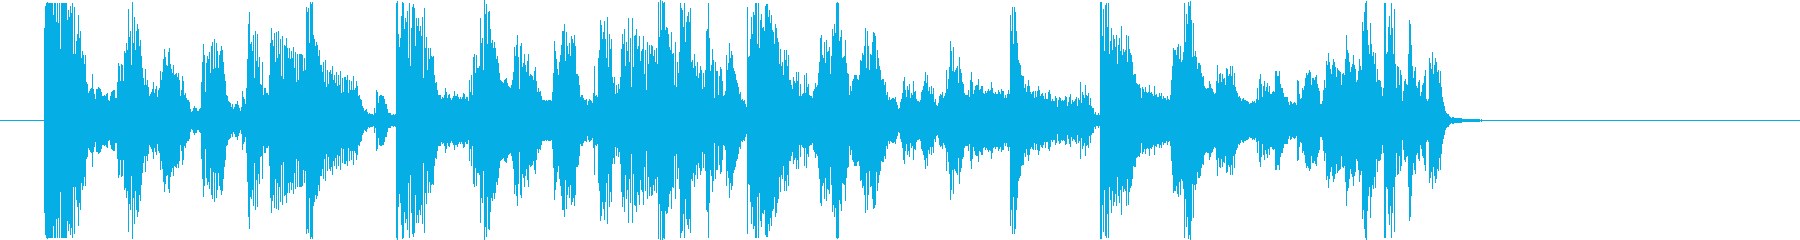 オシャレで切ないhiphopジングルの再生済みの波形